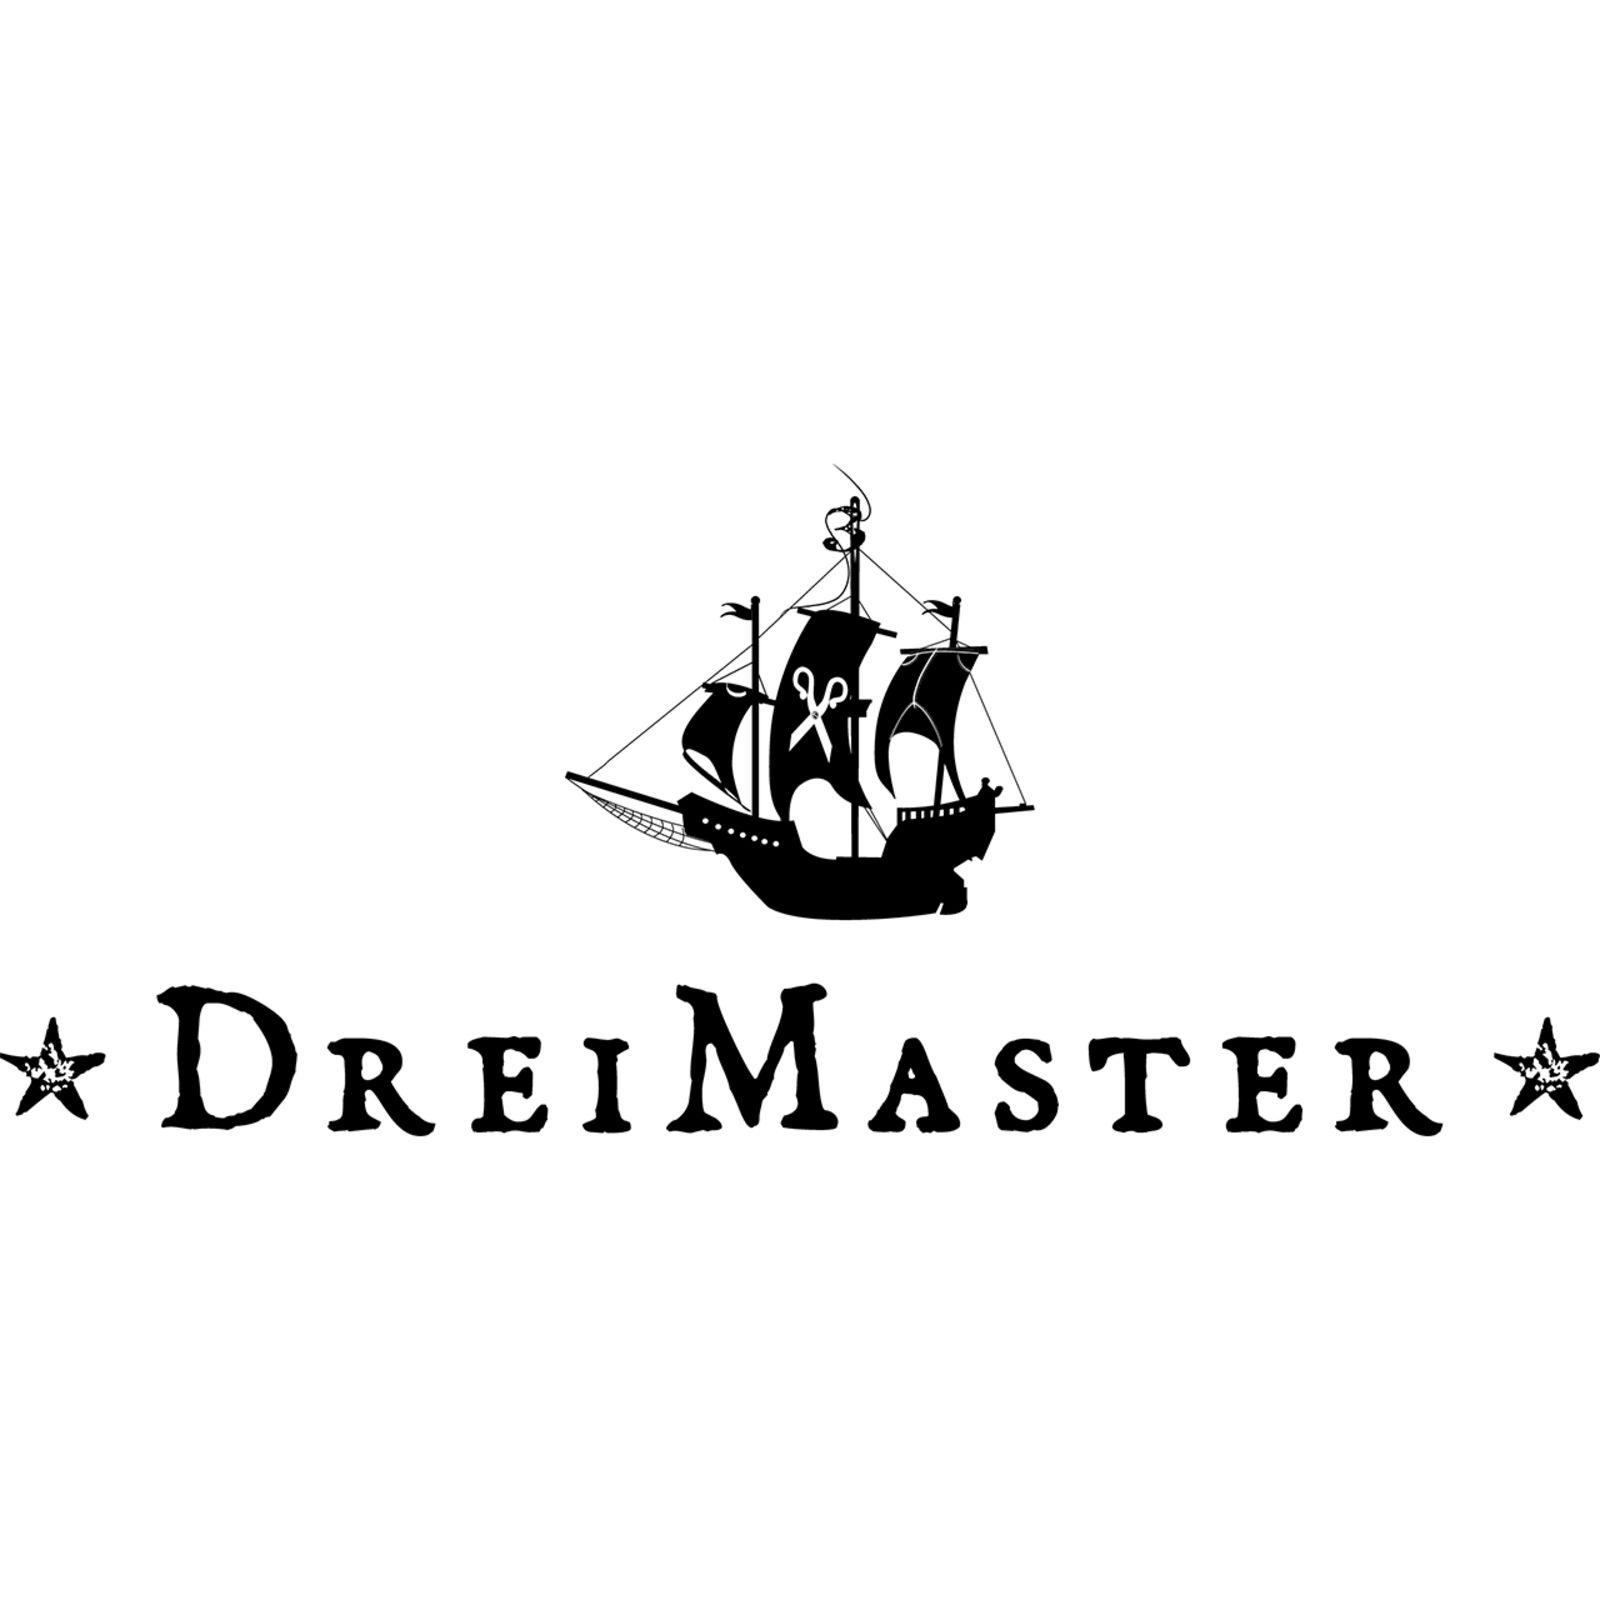 DreiMaster (Bild 1)